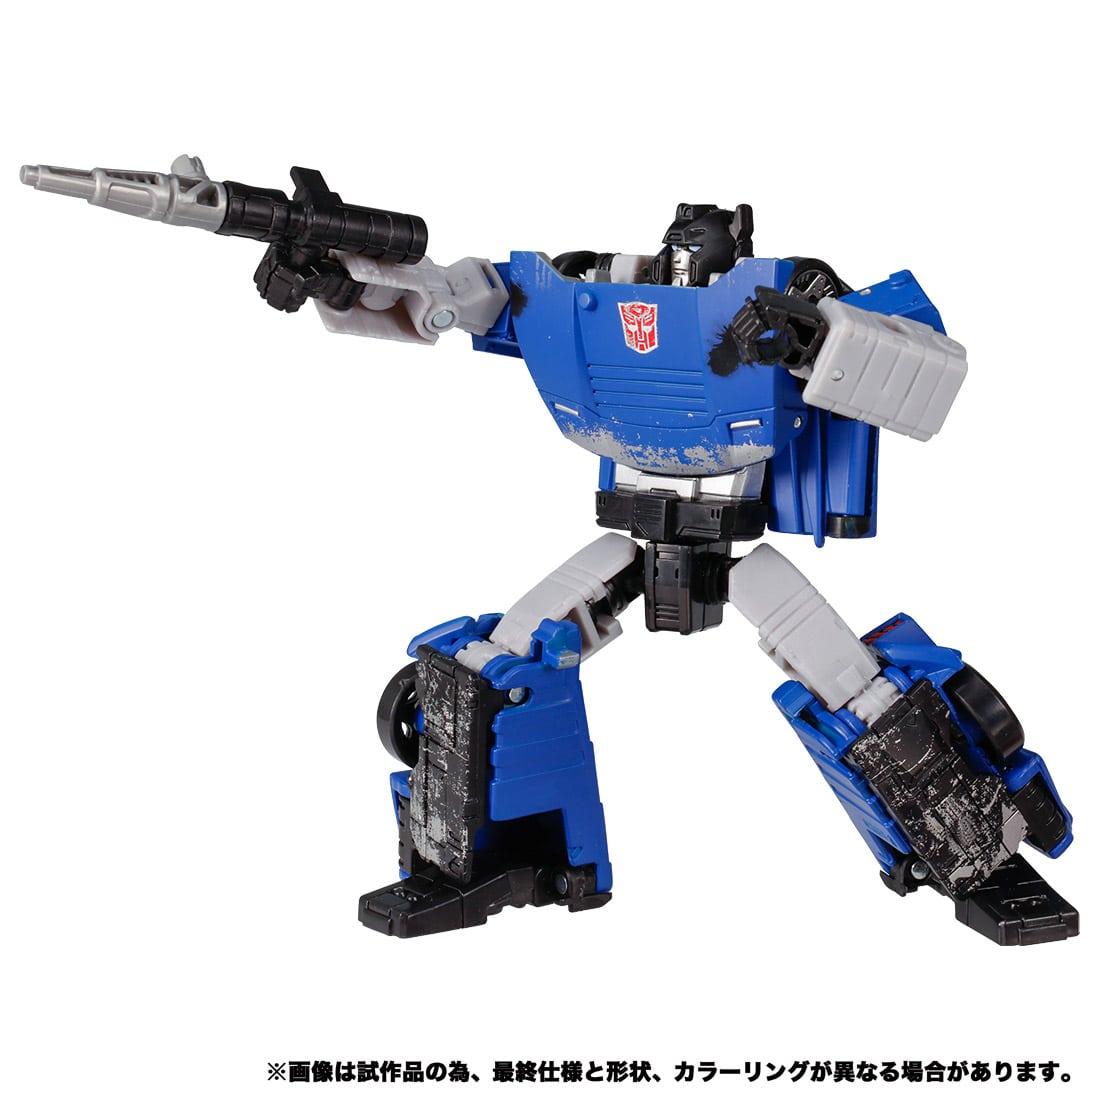 トランスフォーマー ウォーフォーサイバトロン『WFC-17 ディープカバー』可変可動フィギュア-005